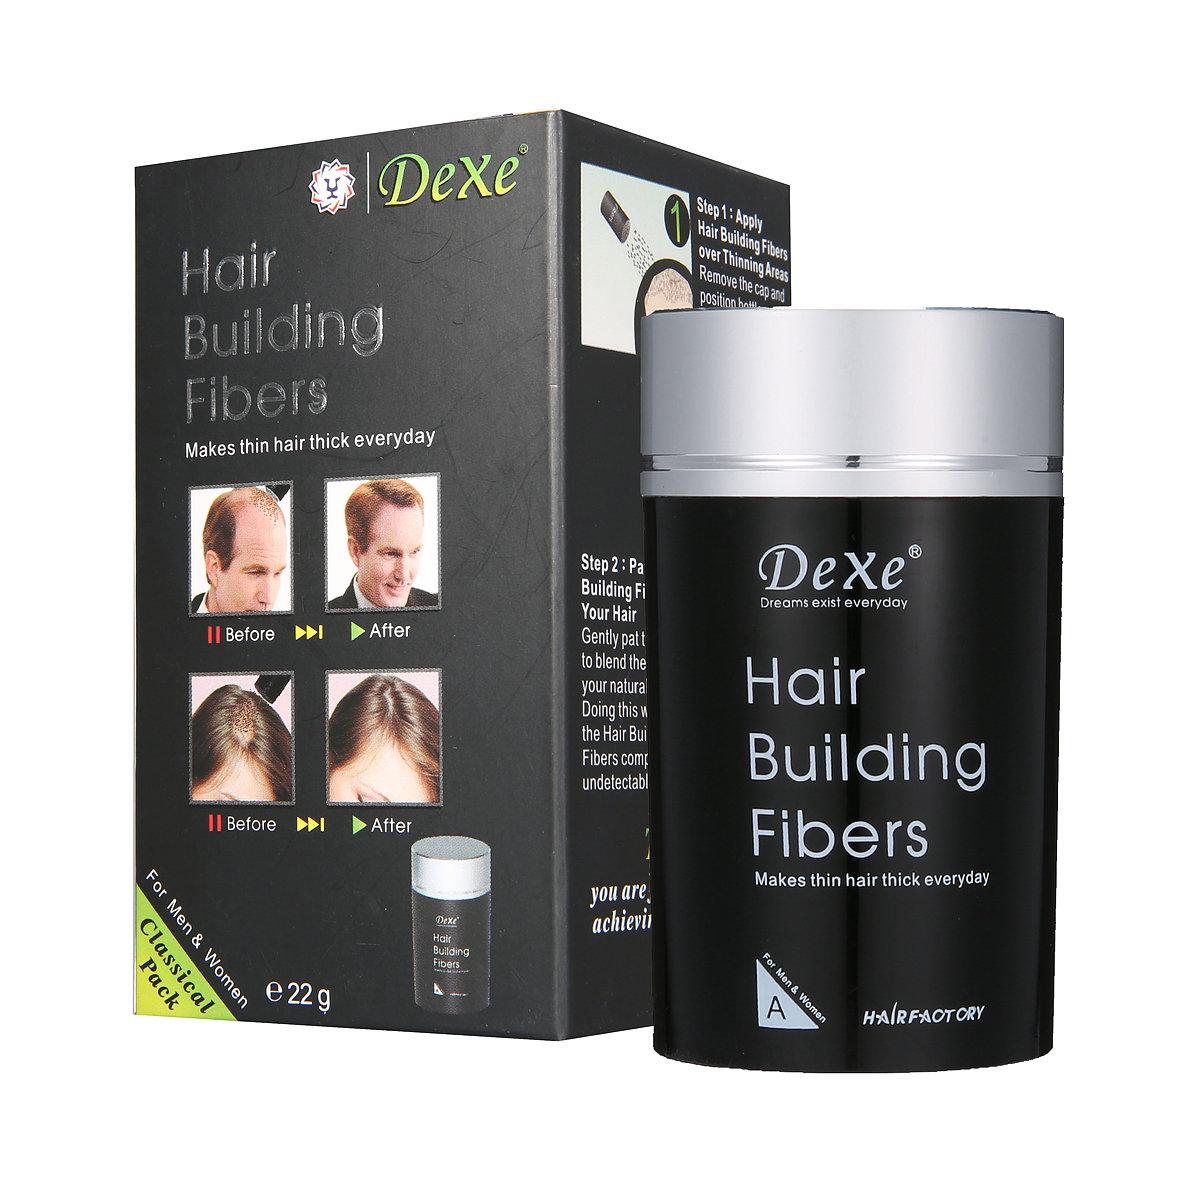 Hair Building Fibers Black Makes Hair Thick Growth Powder